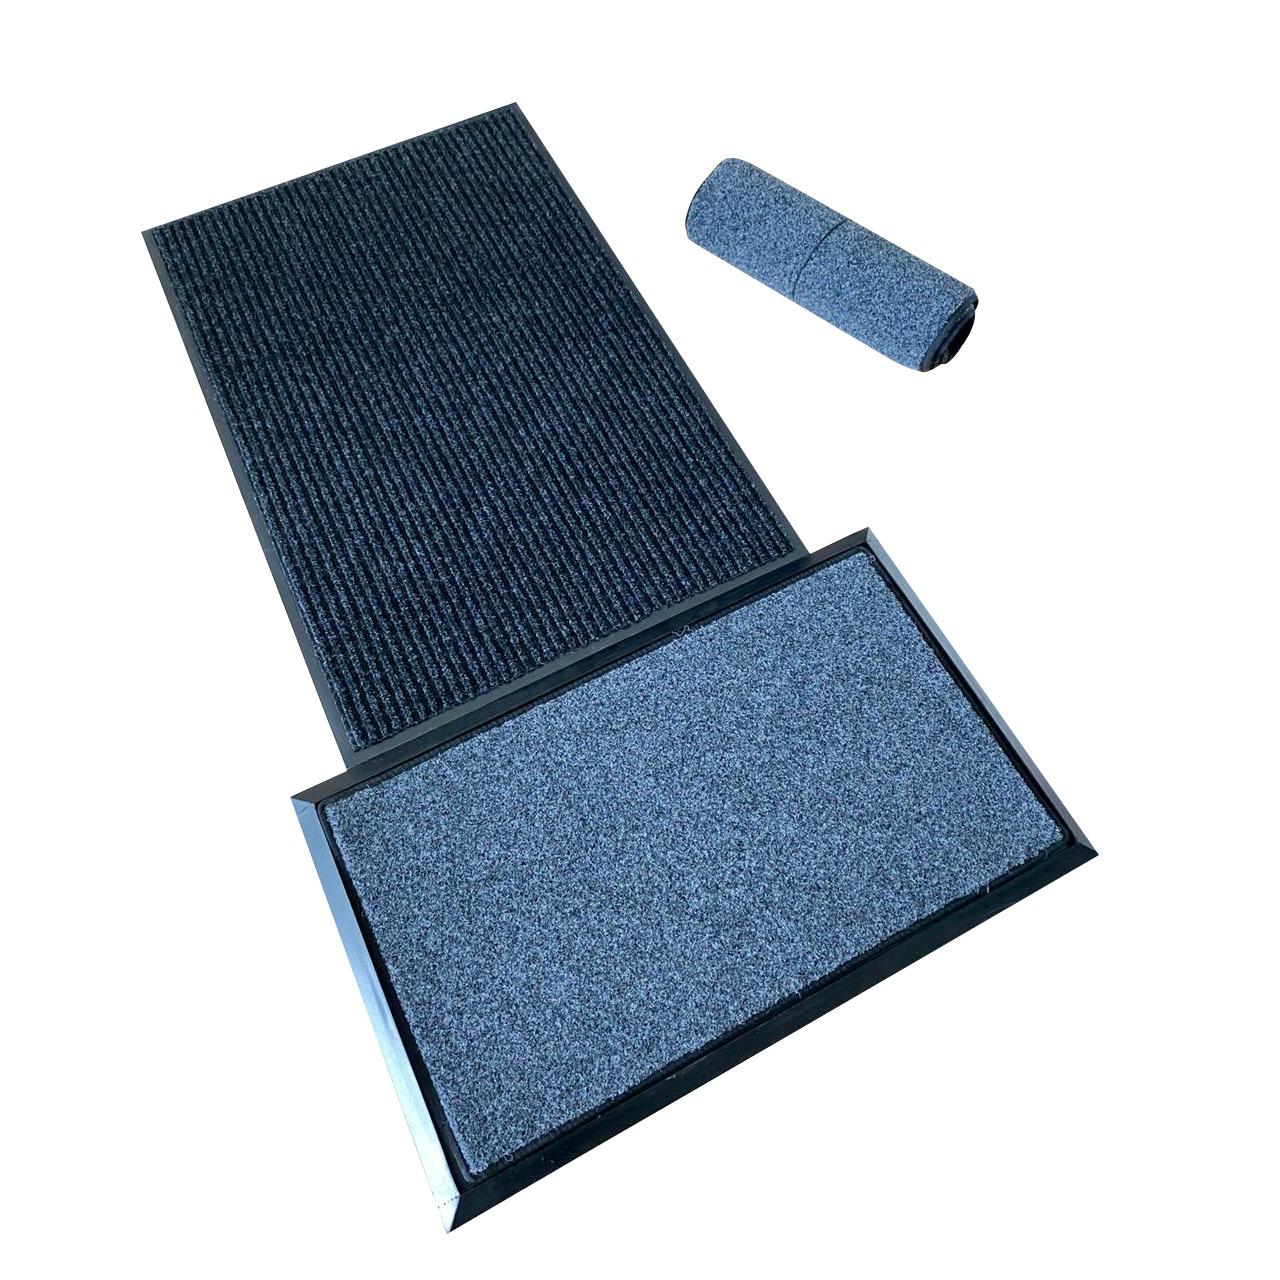 Set de pediluvio con almohadilla de repuesto + alfombra de secado